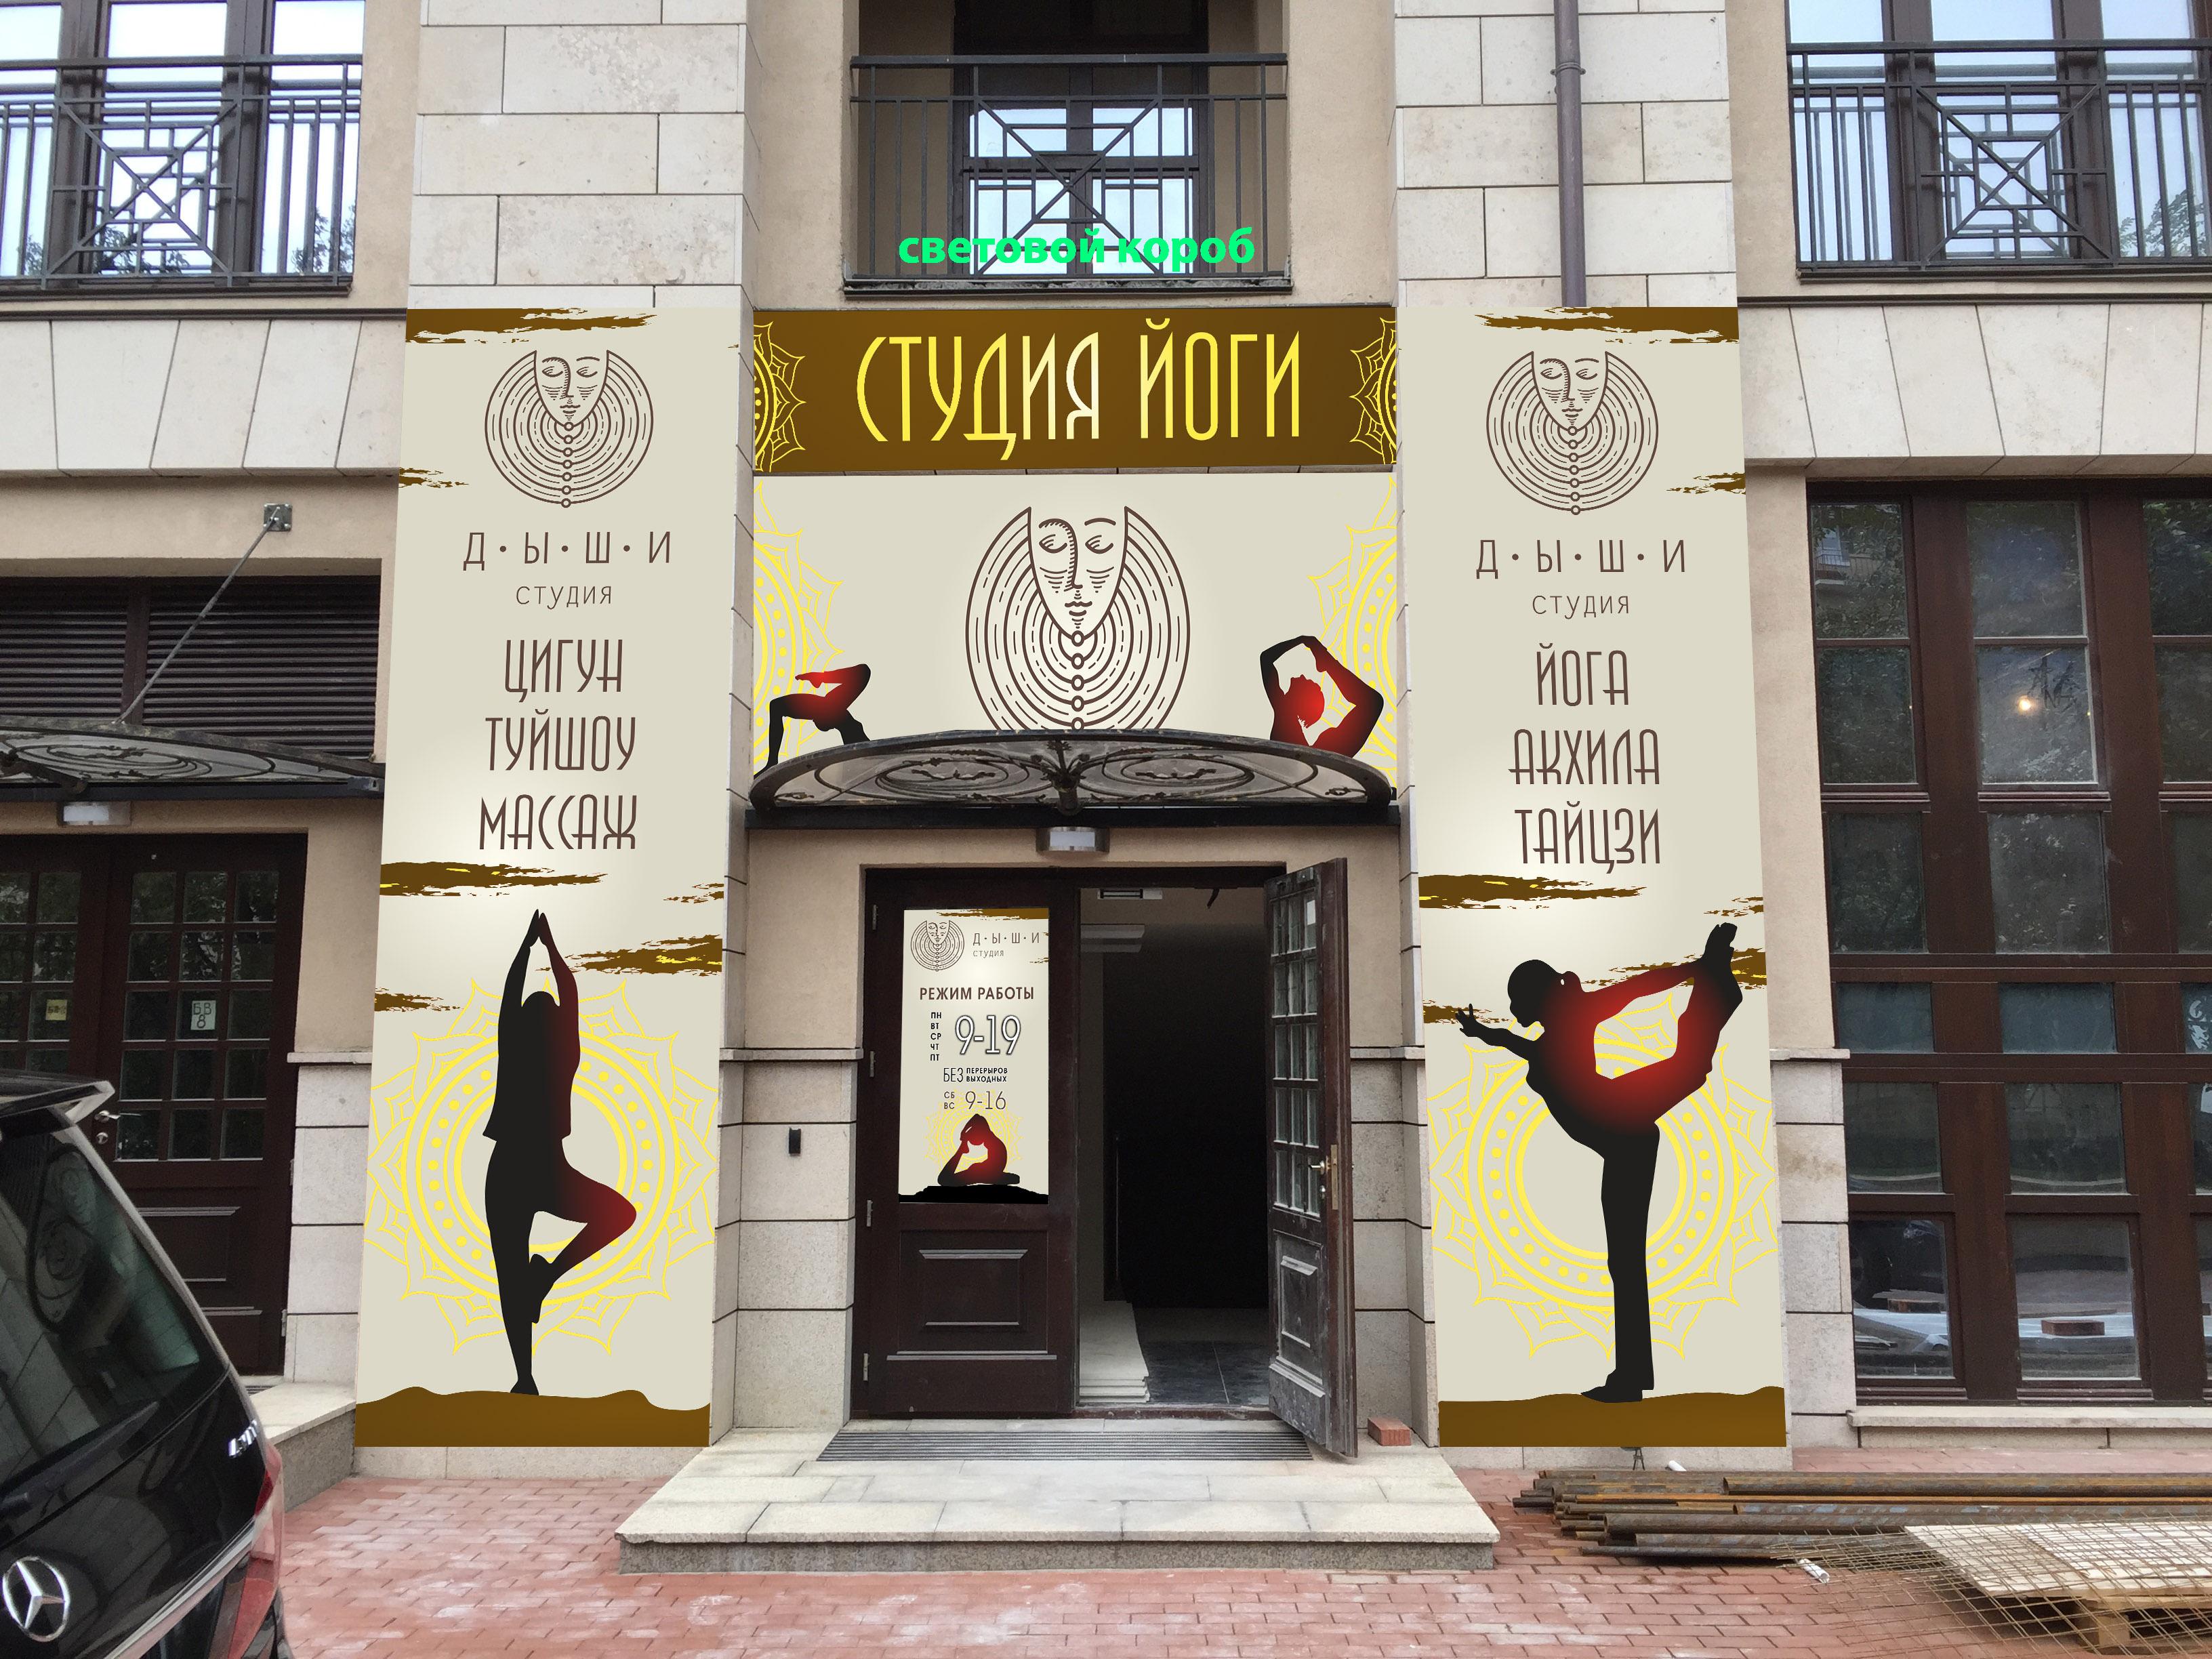 Креативное оформление входной группы для йога студии фото f_705580324dcd9da4.jpg